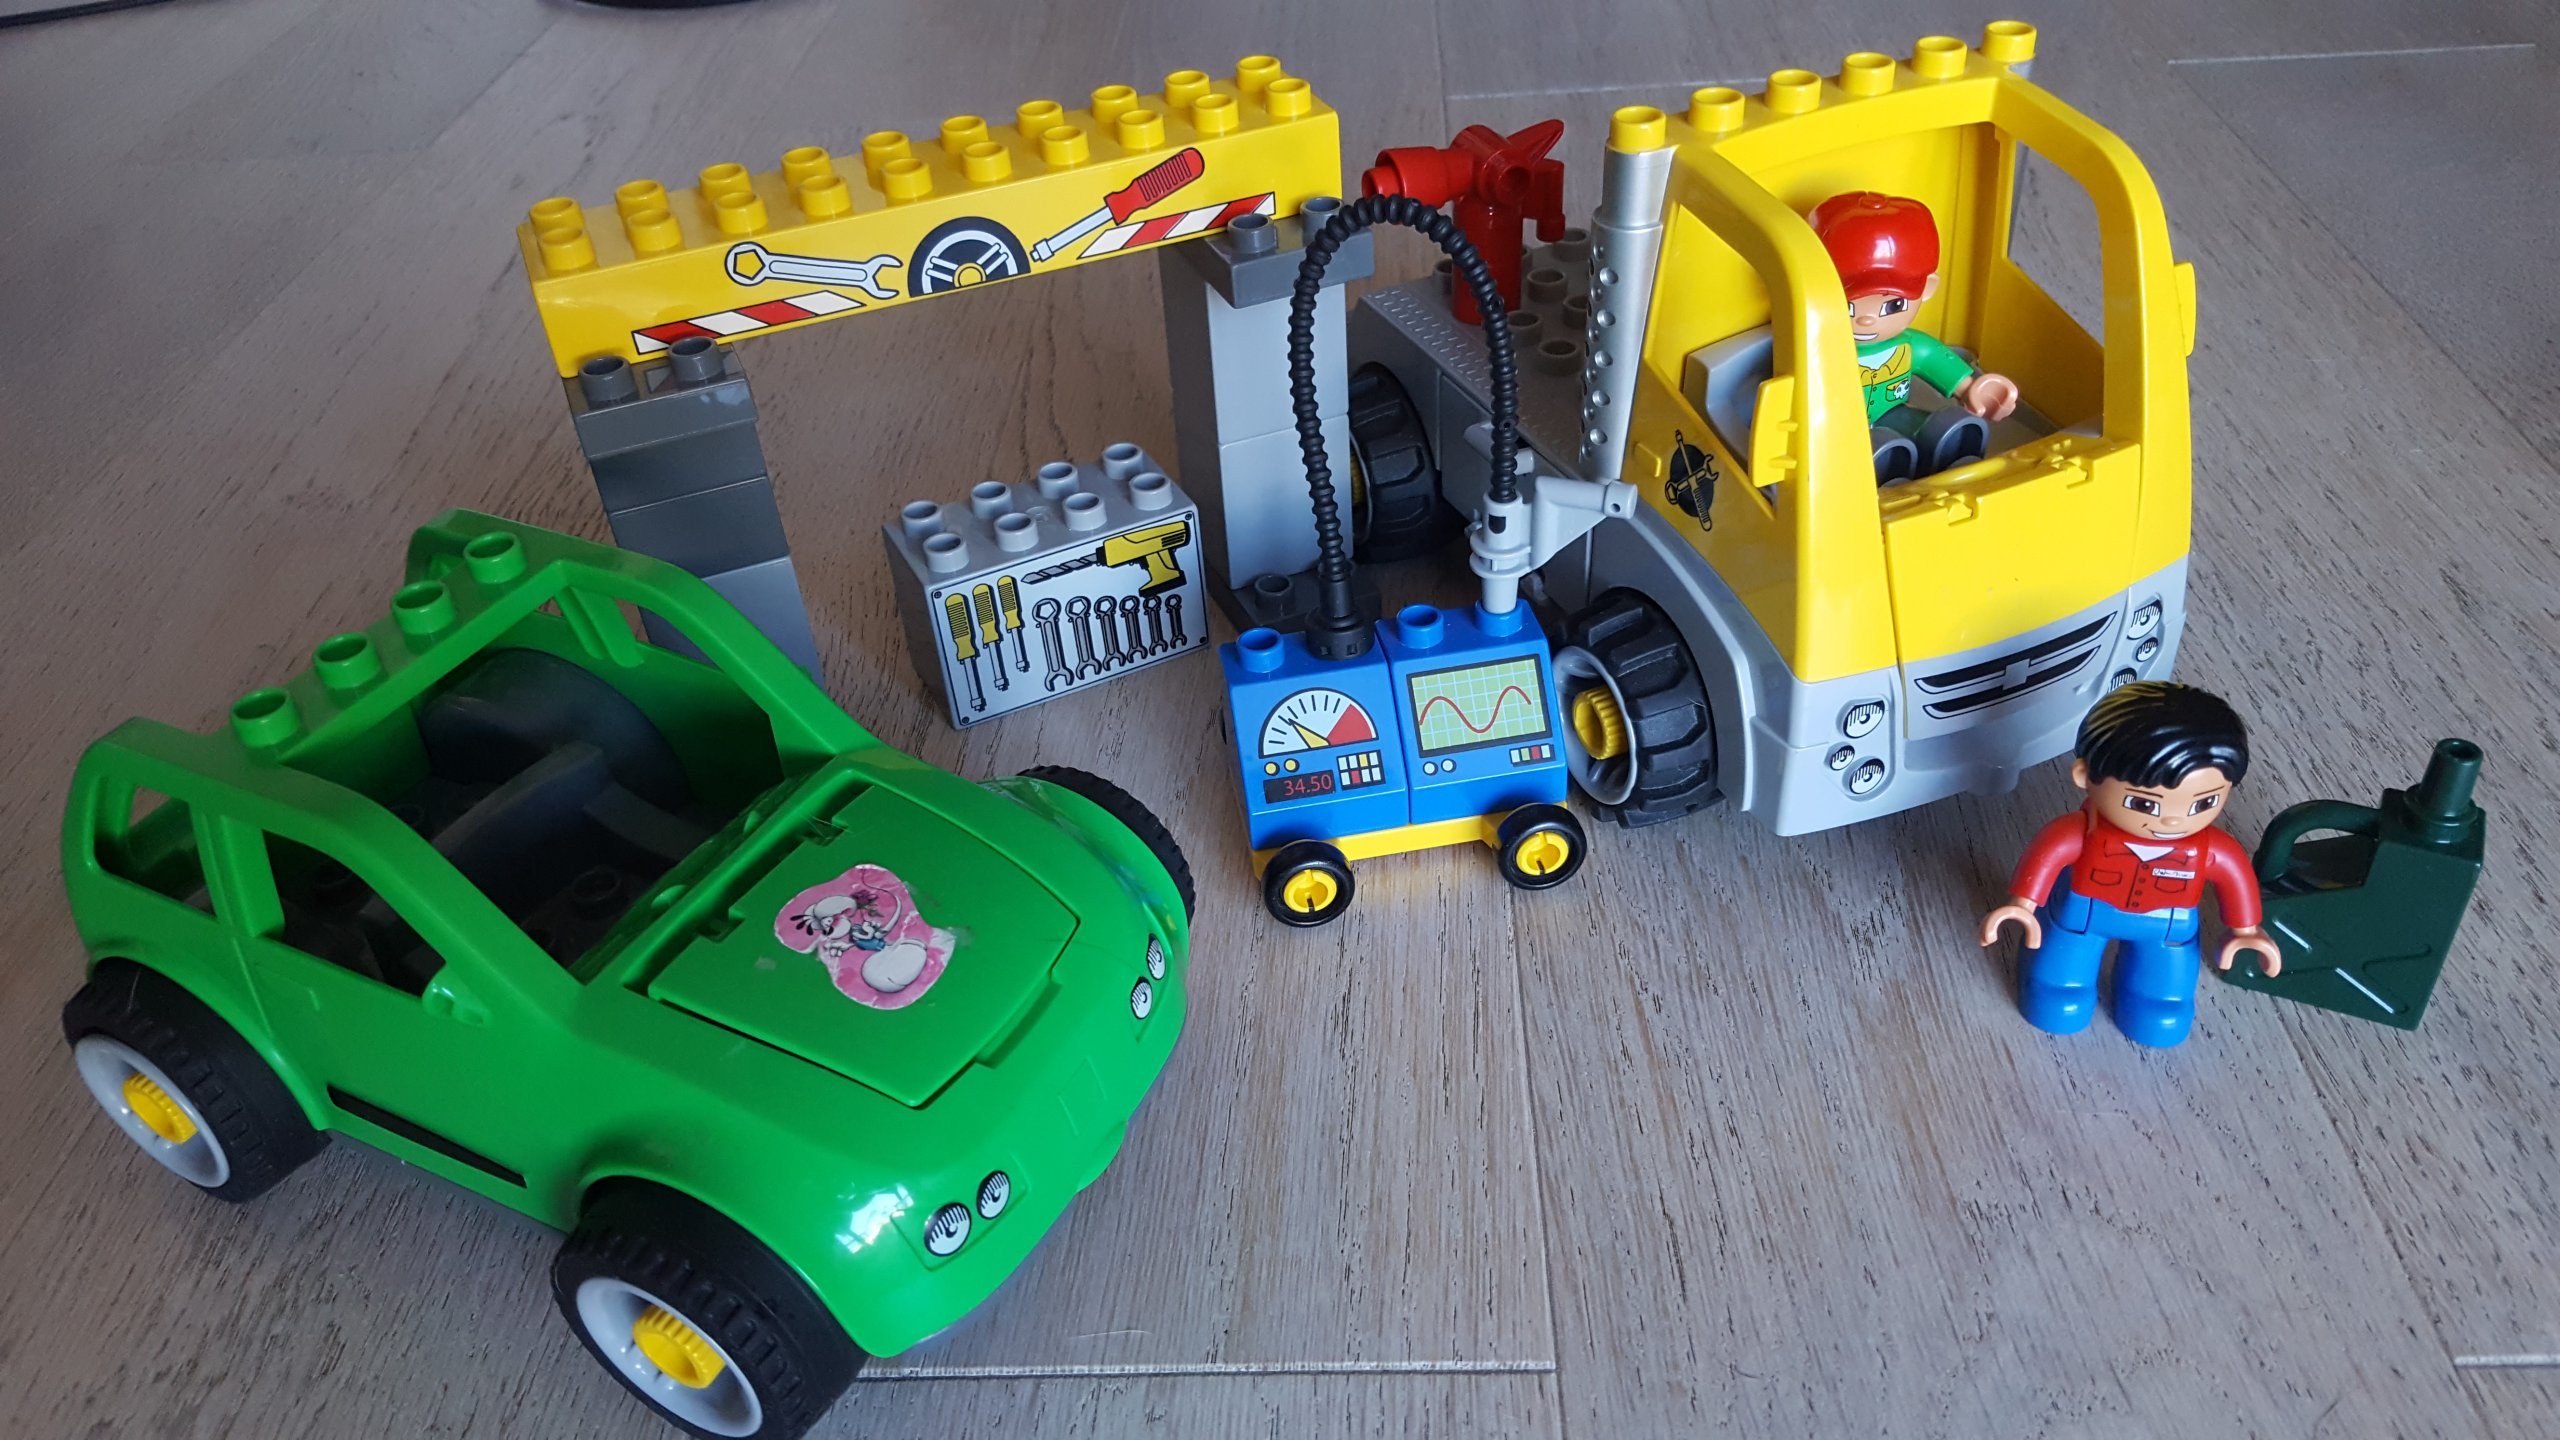 Lego Duplo Warsztat Samochodowy Zestaw 5641 7336190912 Oficjalne